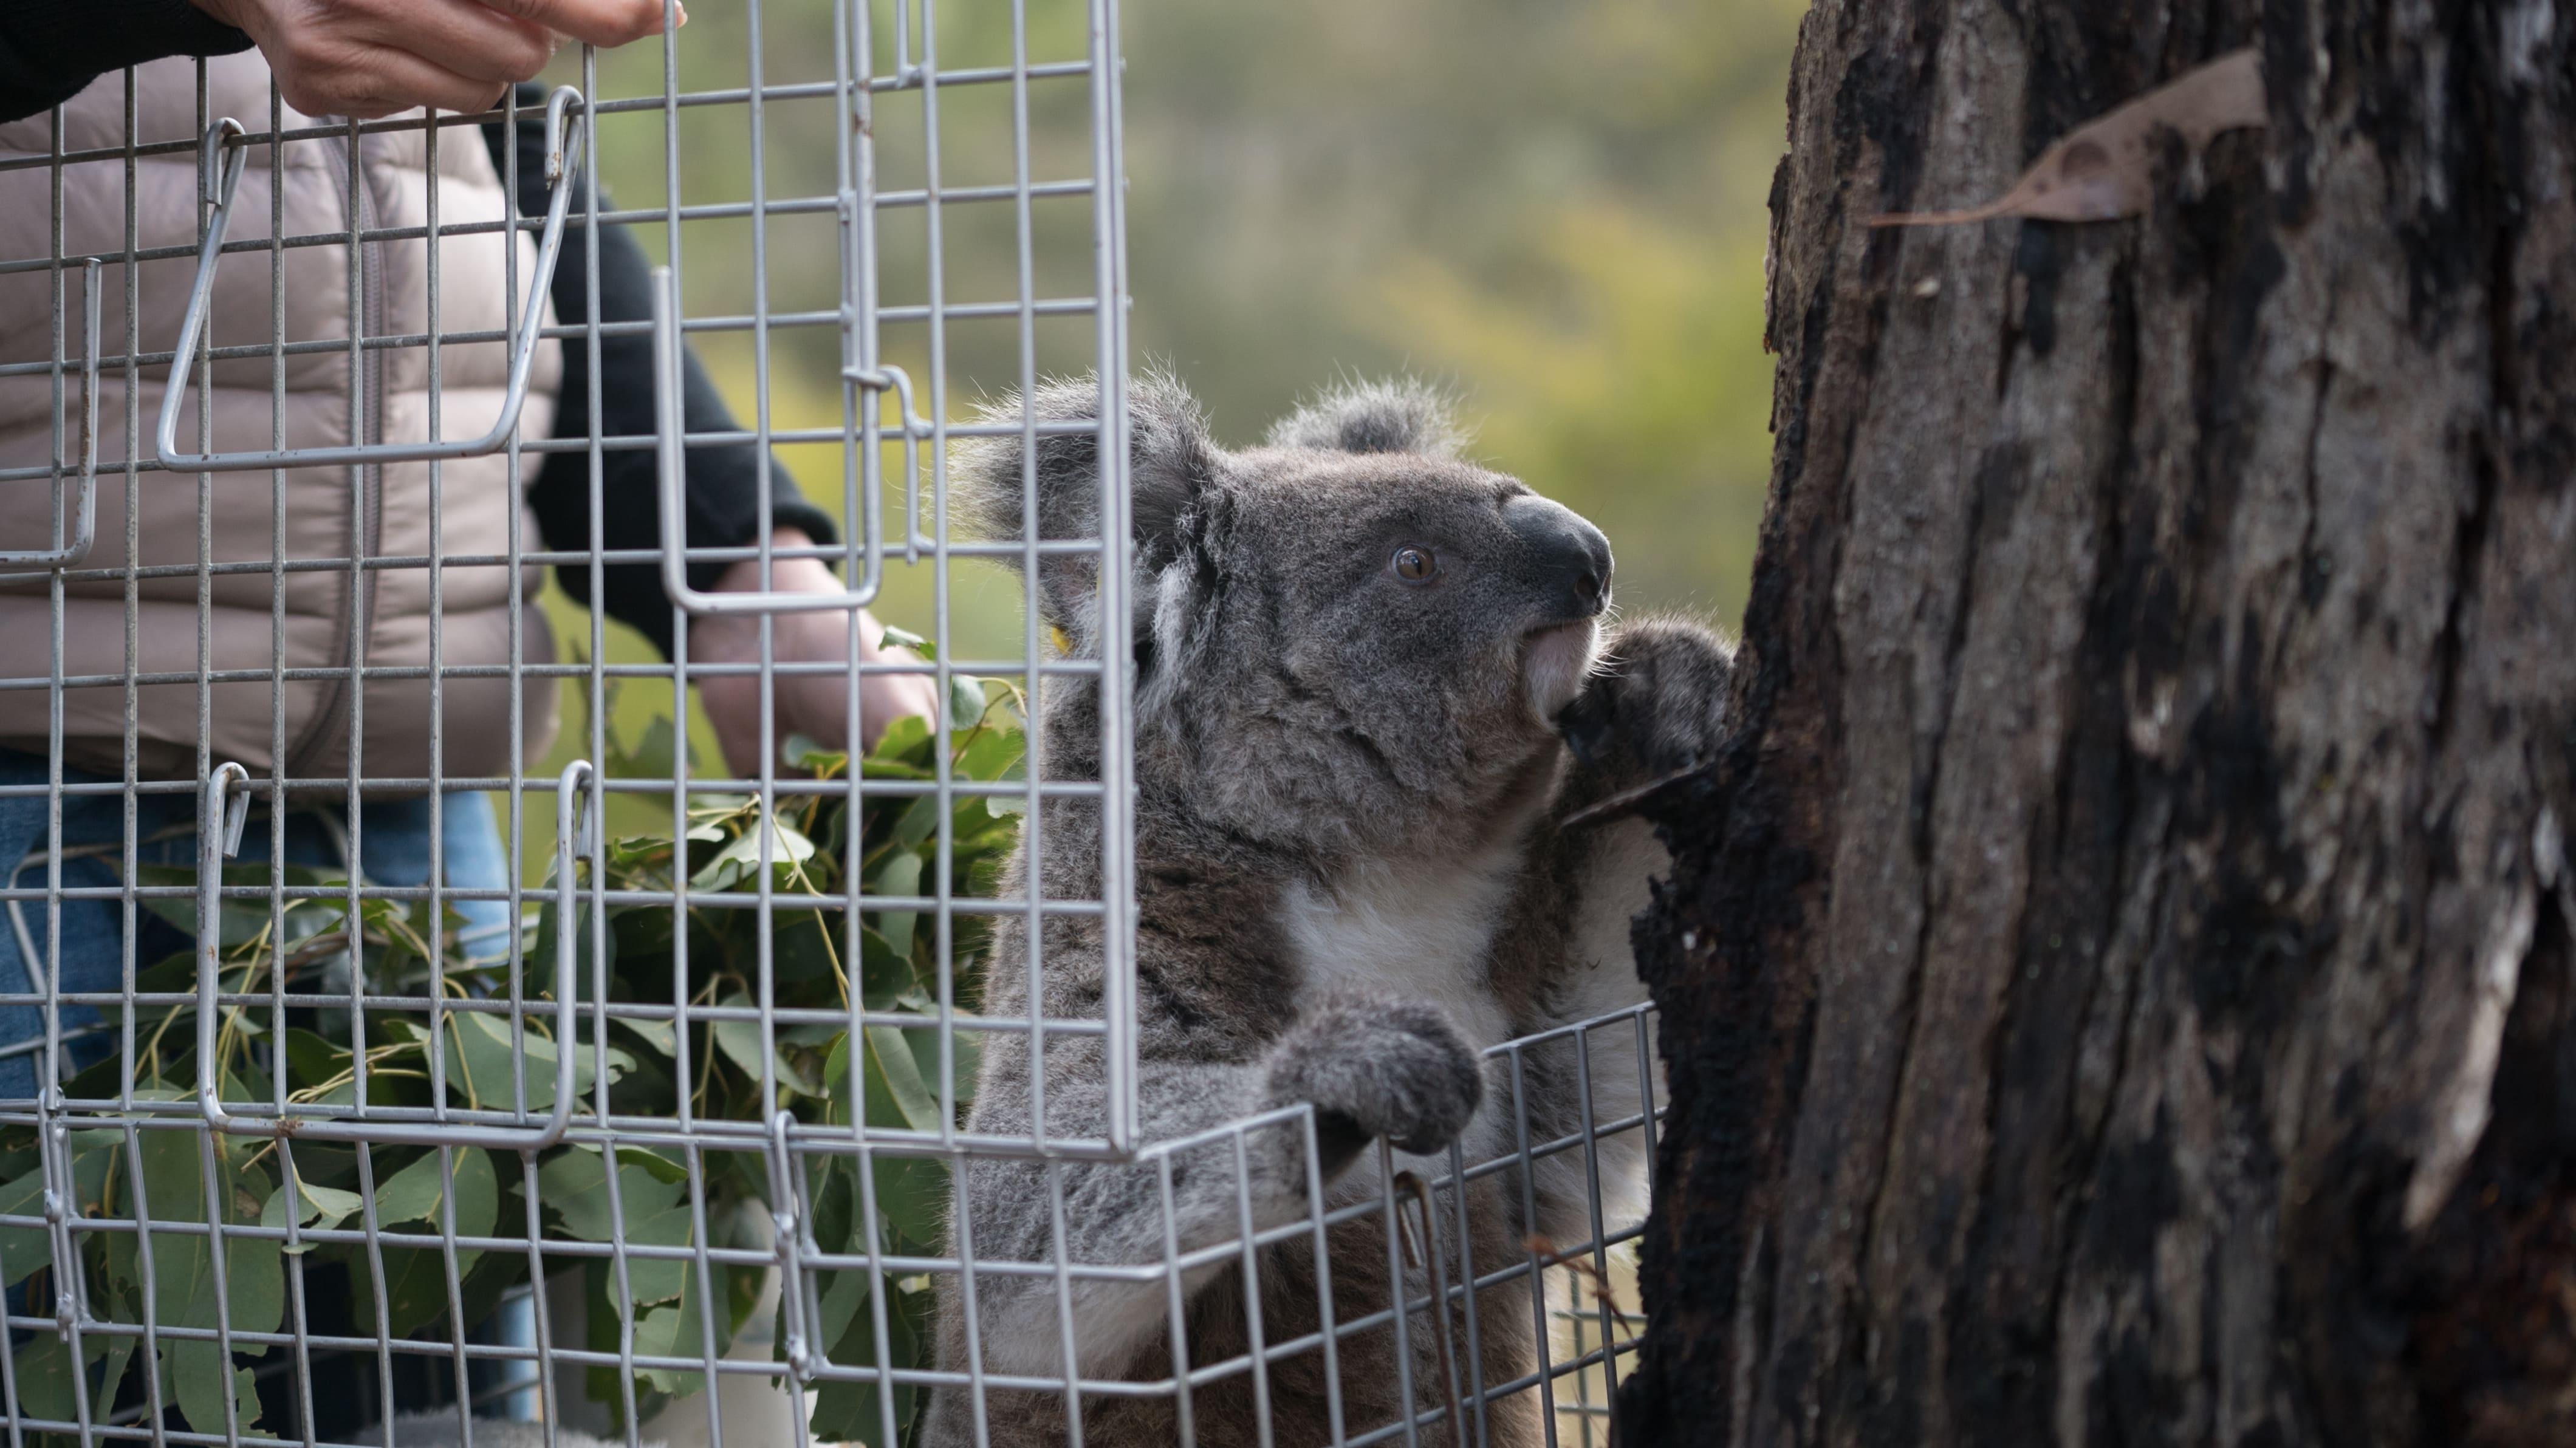 Un giovane koala viene reintrodotto nel suo habitat naturale dopo essere stato salvato.